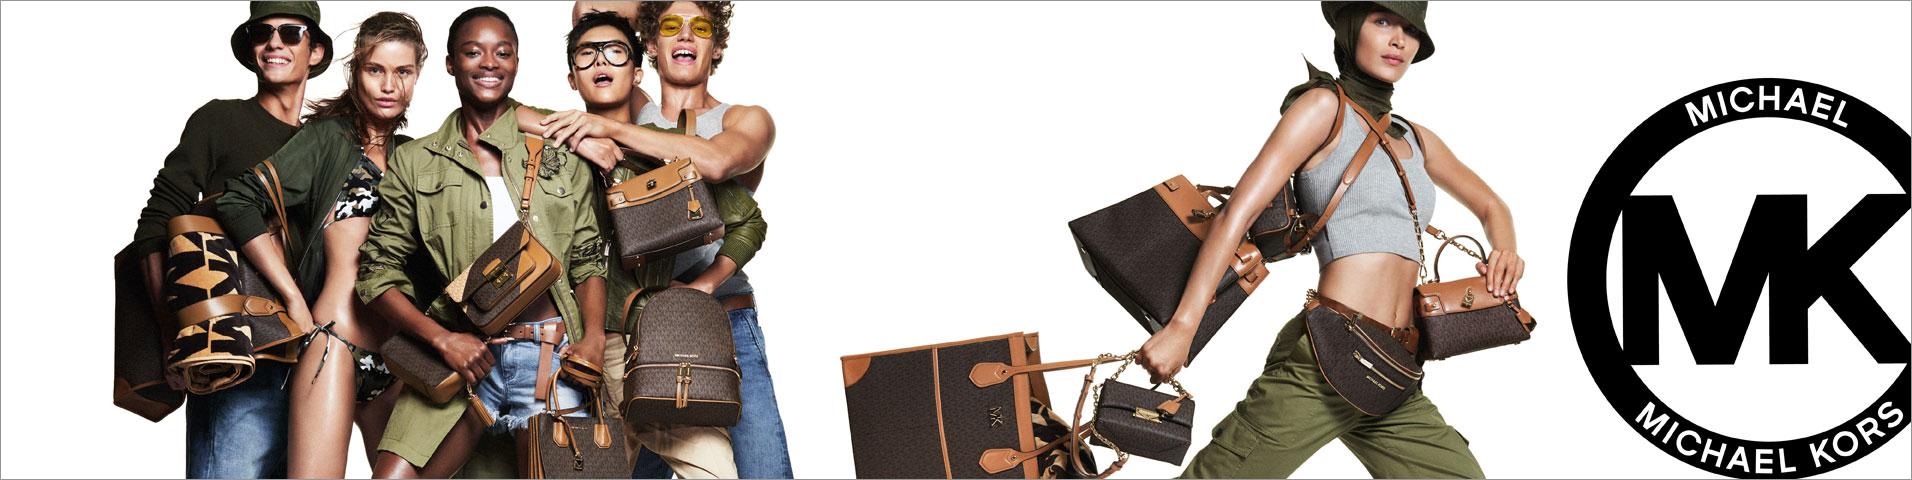 Accessori da donna Michael Kors | La collezione PREMIUM su